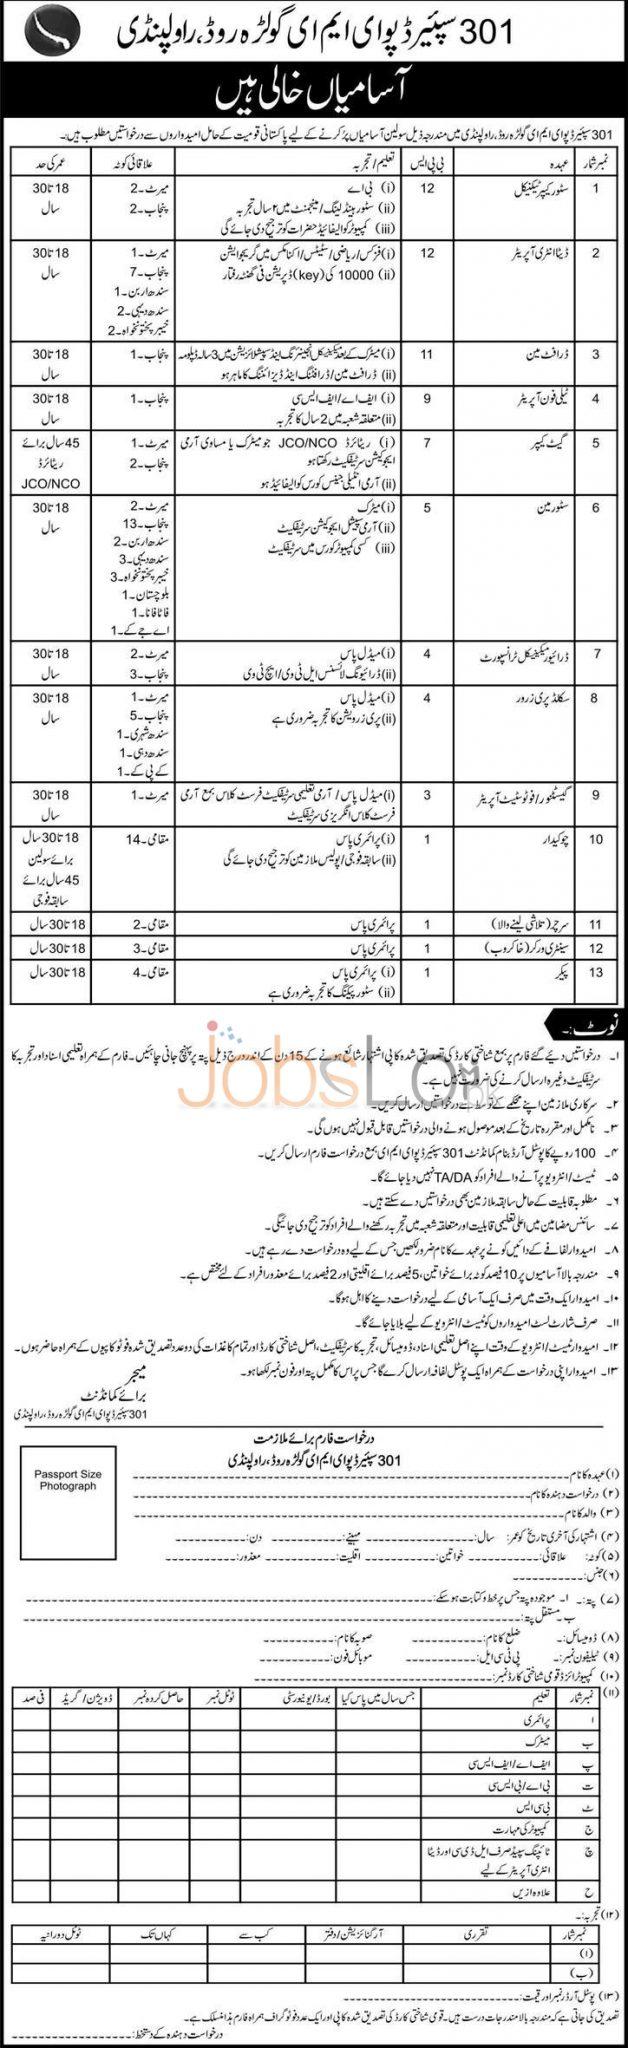 Pakistan Army 301 Spare Depot EME Rawalpindi Jobs 2015